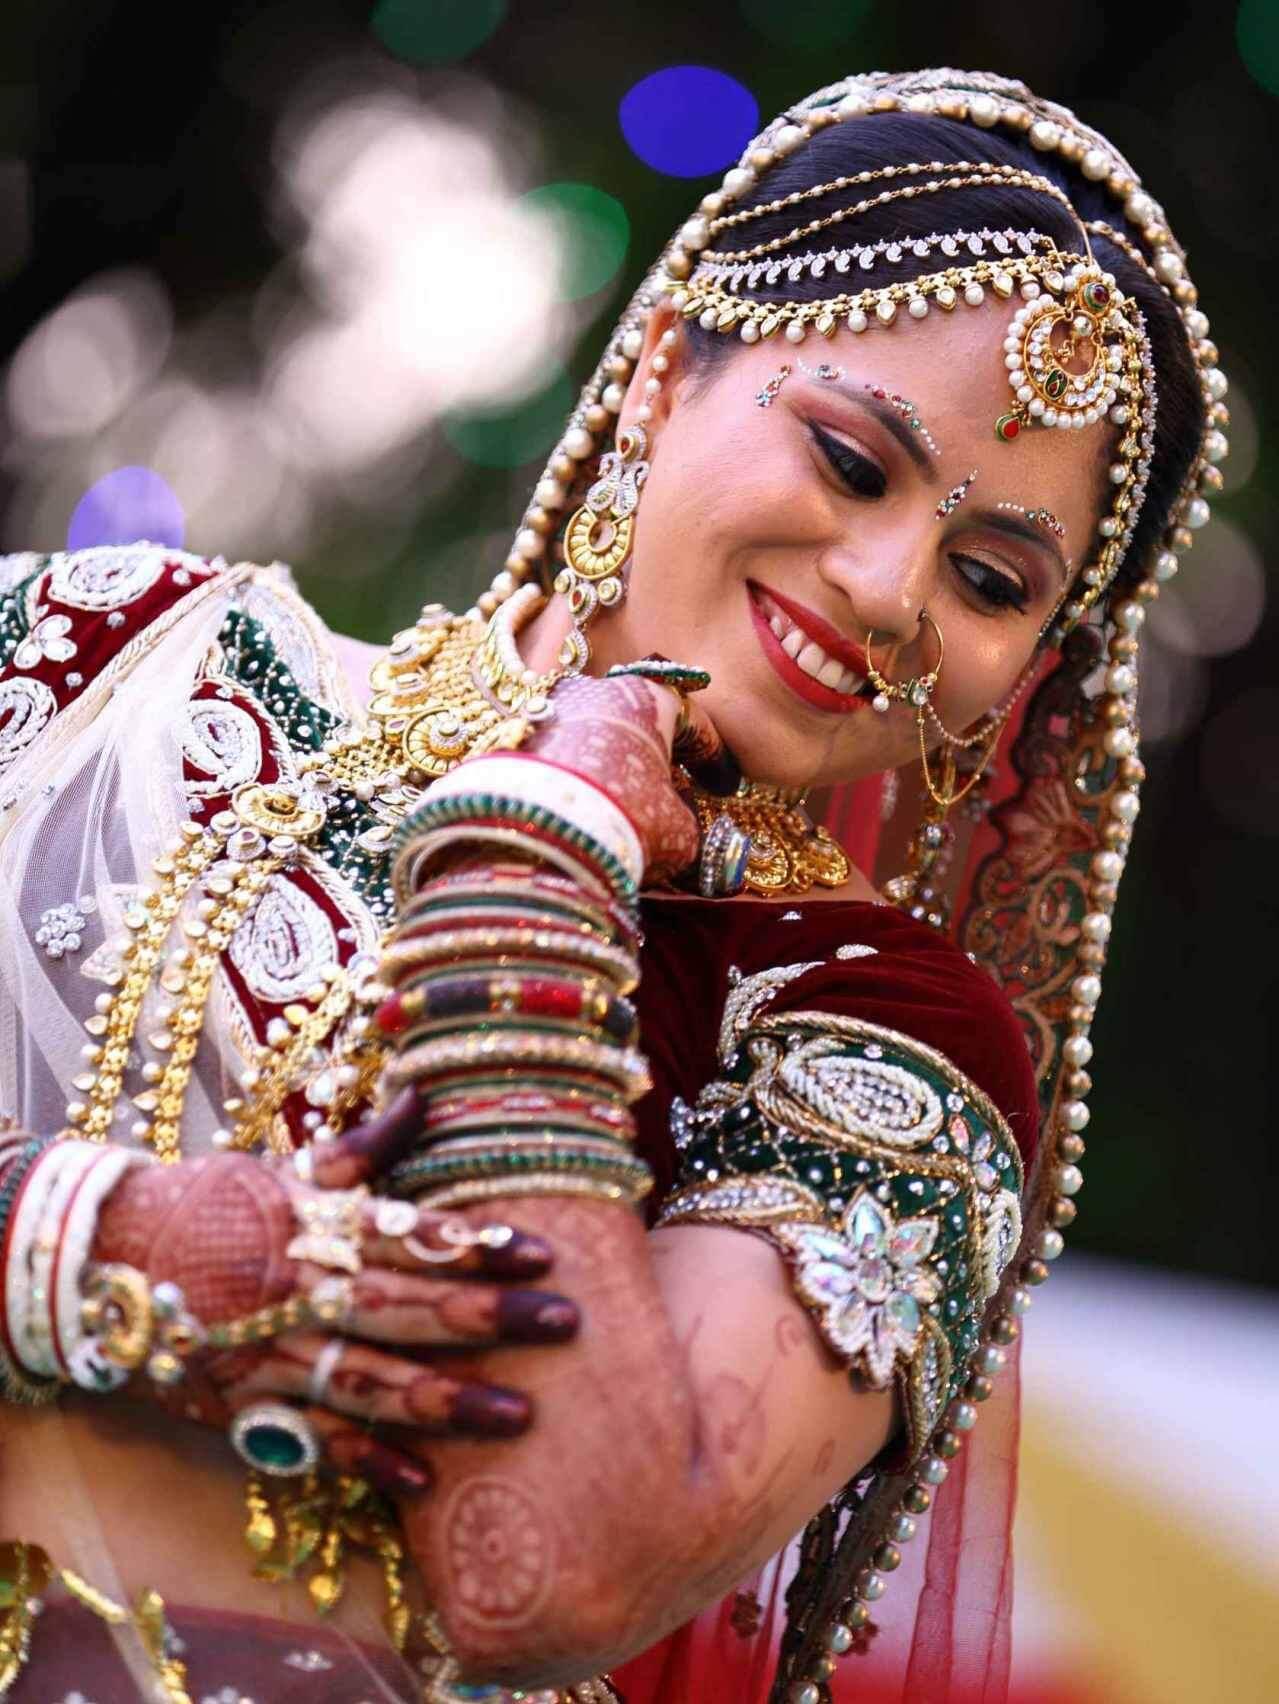 אישה עם תכשיטים בהודו